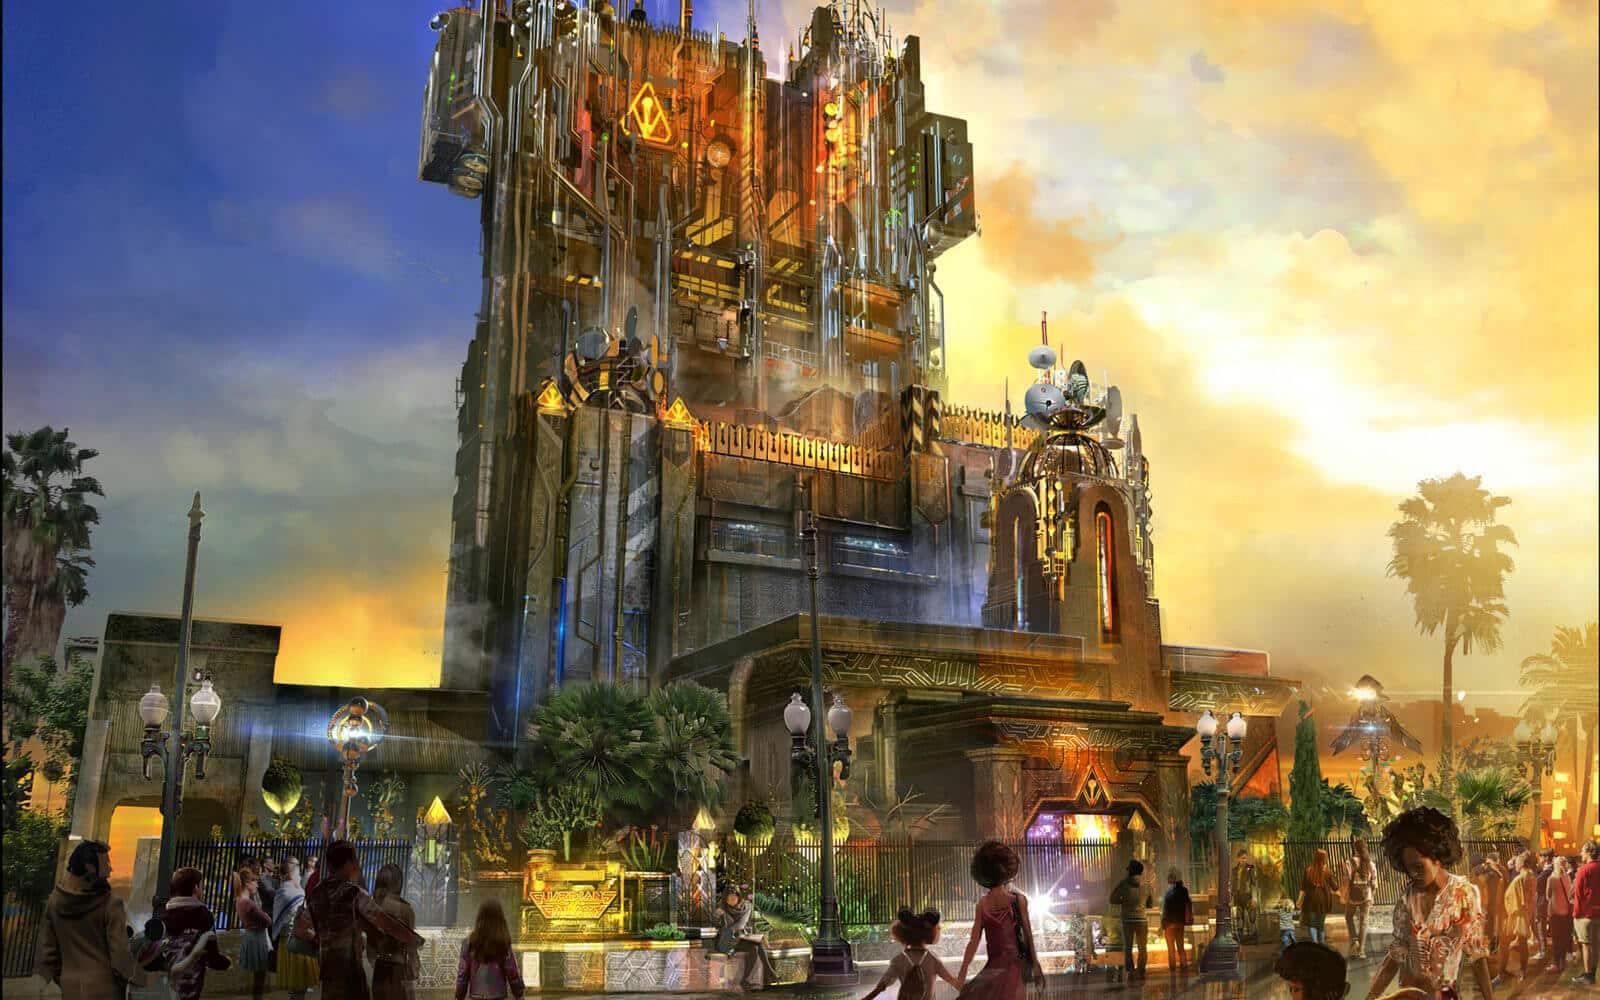 Show dos Guardiões da Galáxia na Disney em Orlando